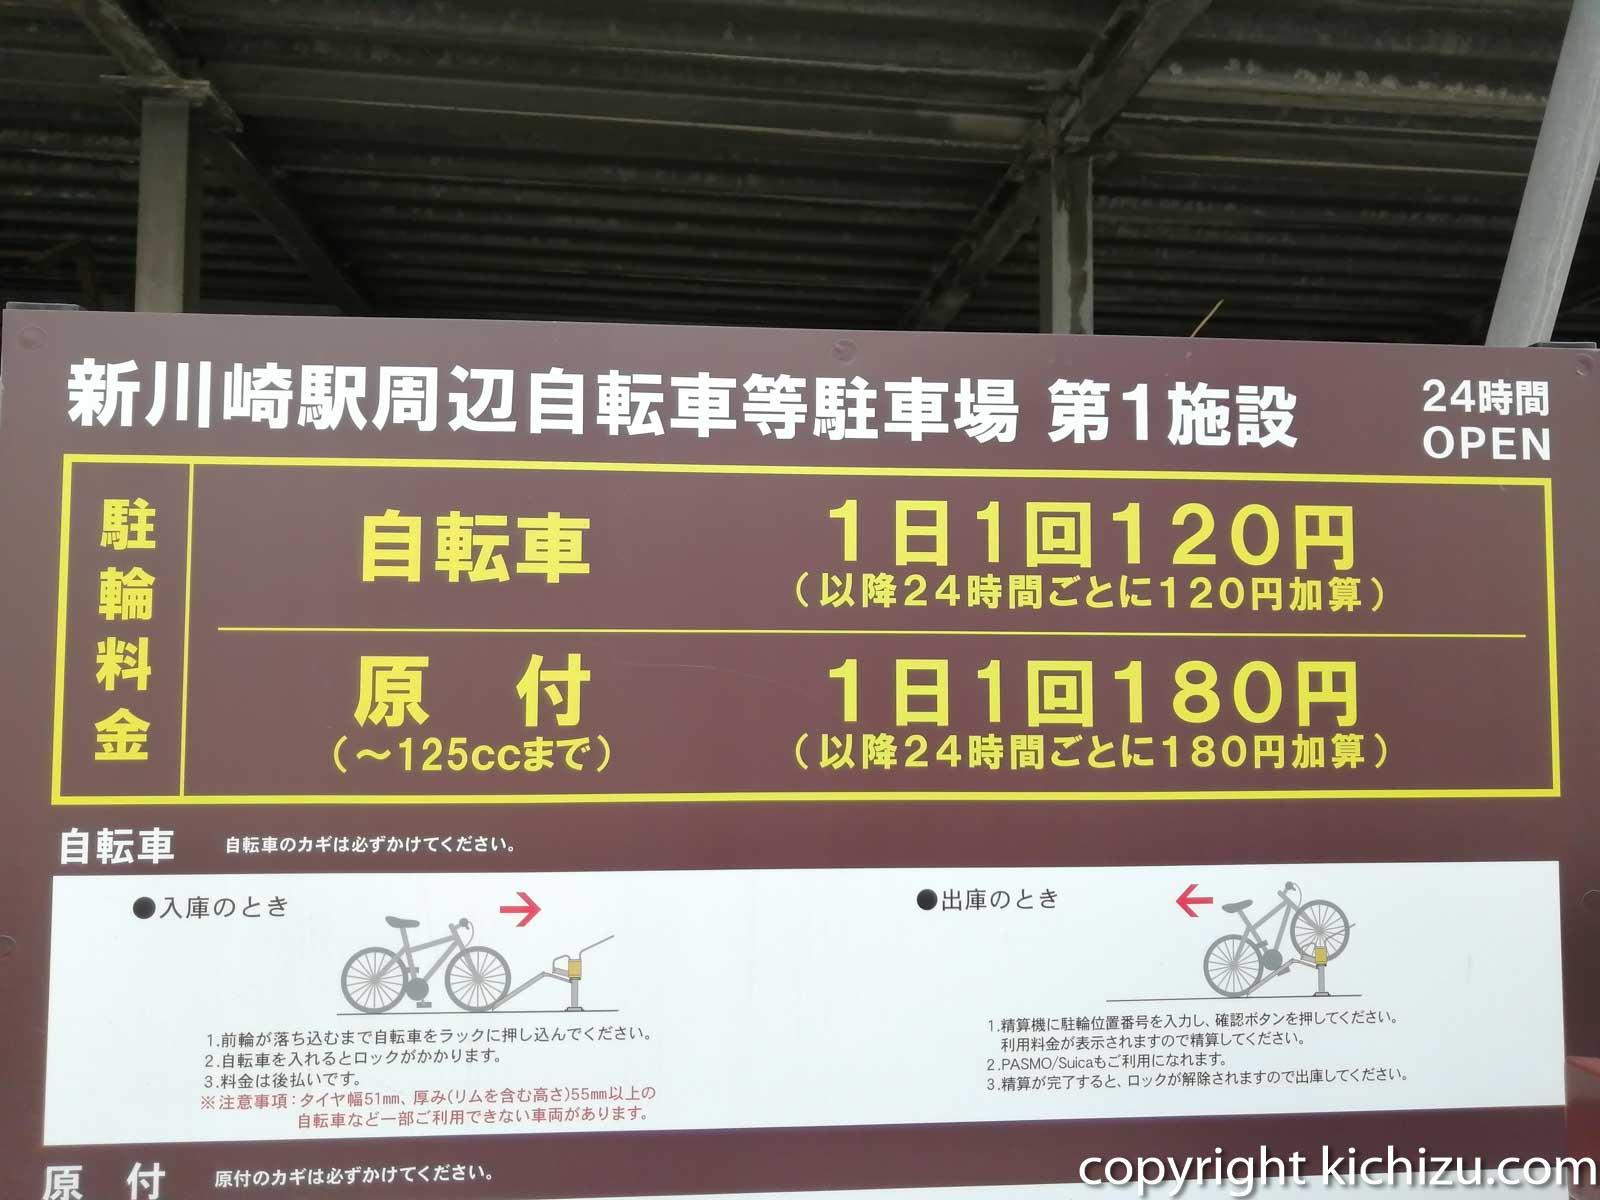 1日の駐車料金表